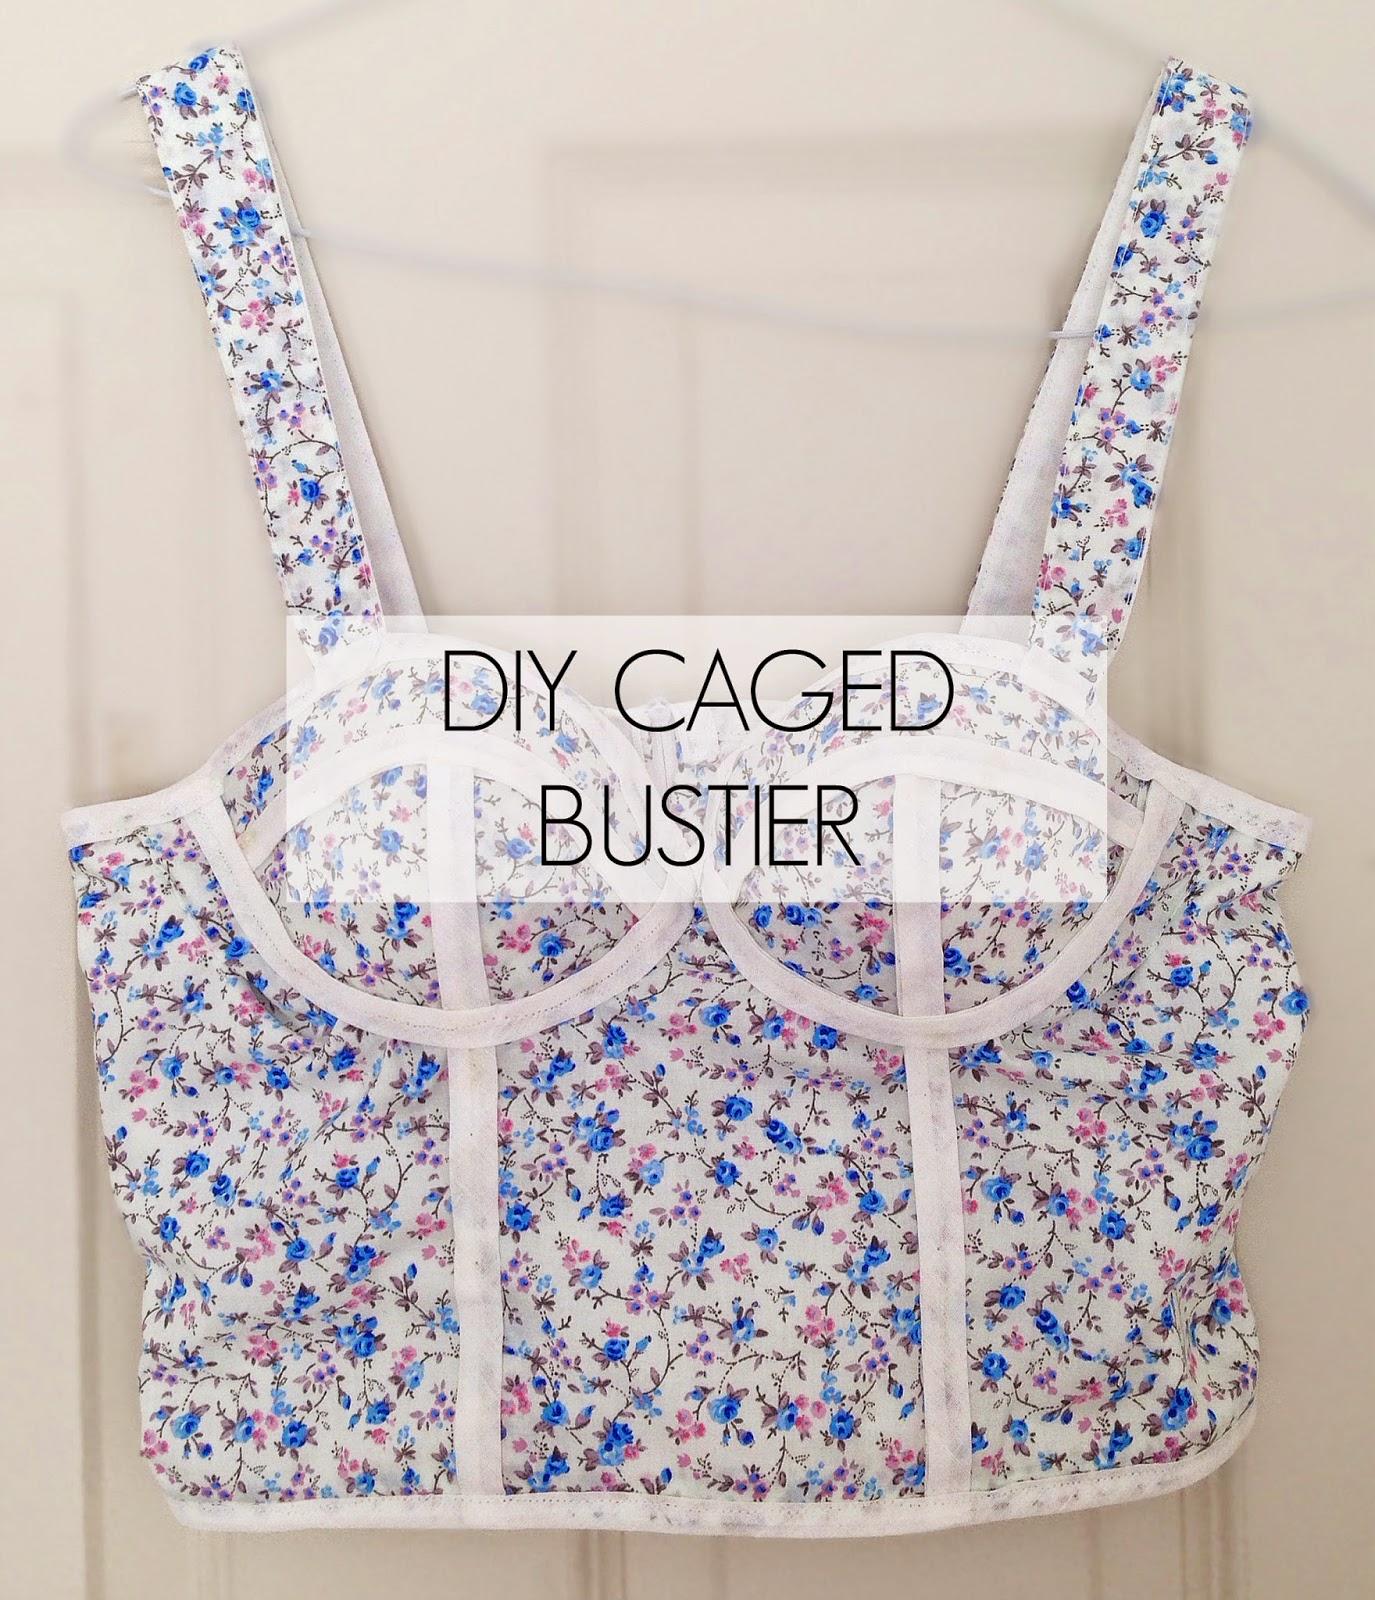 diy caged bustier